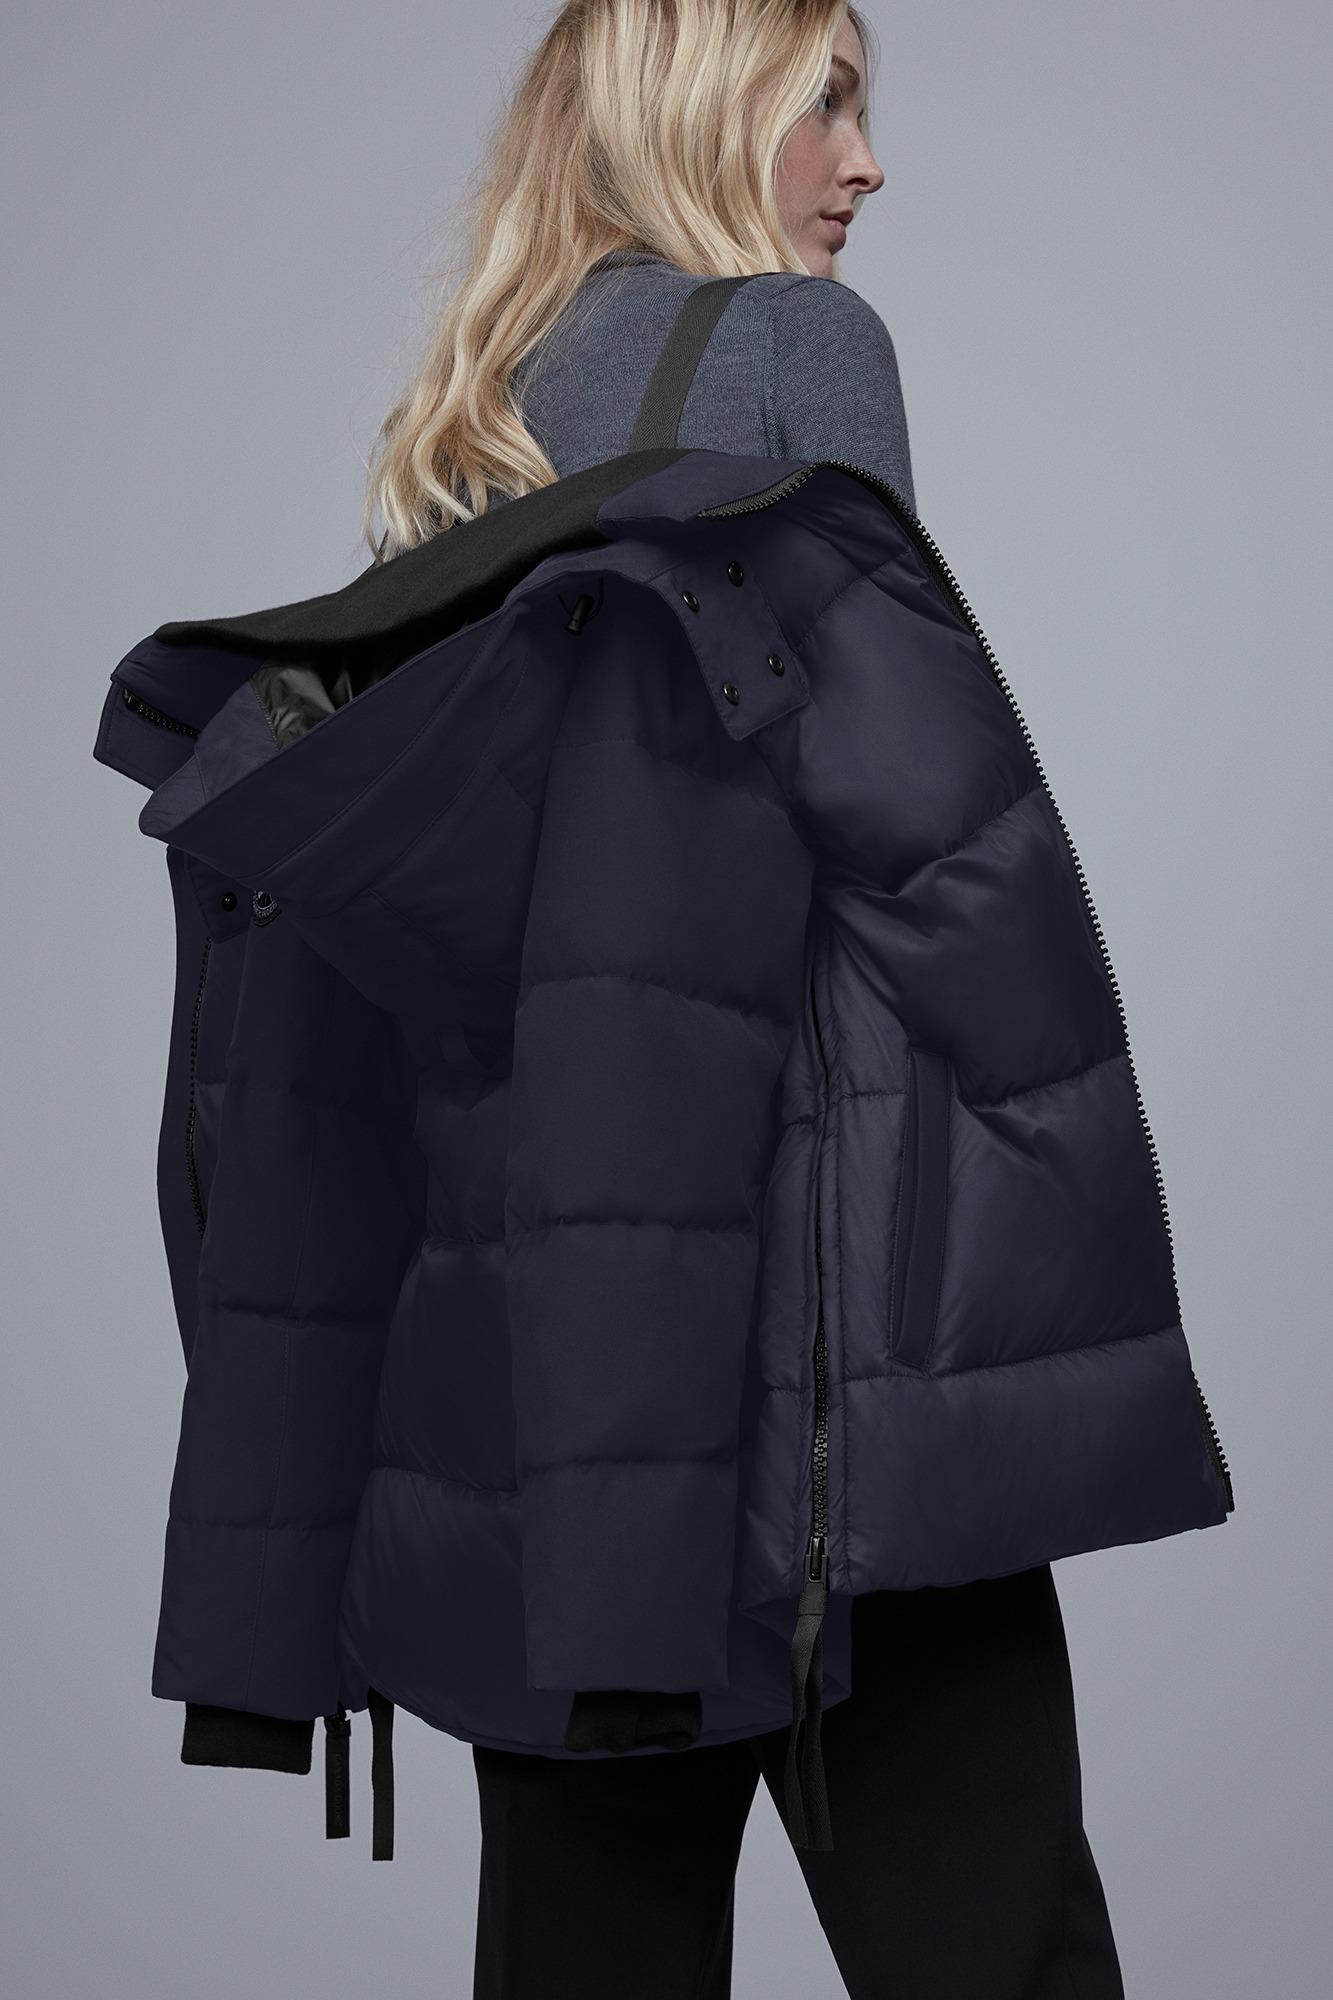 d1d0035f0eb Women's Whitehorse Parka Black Label   Canada Goose®